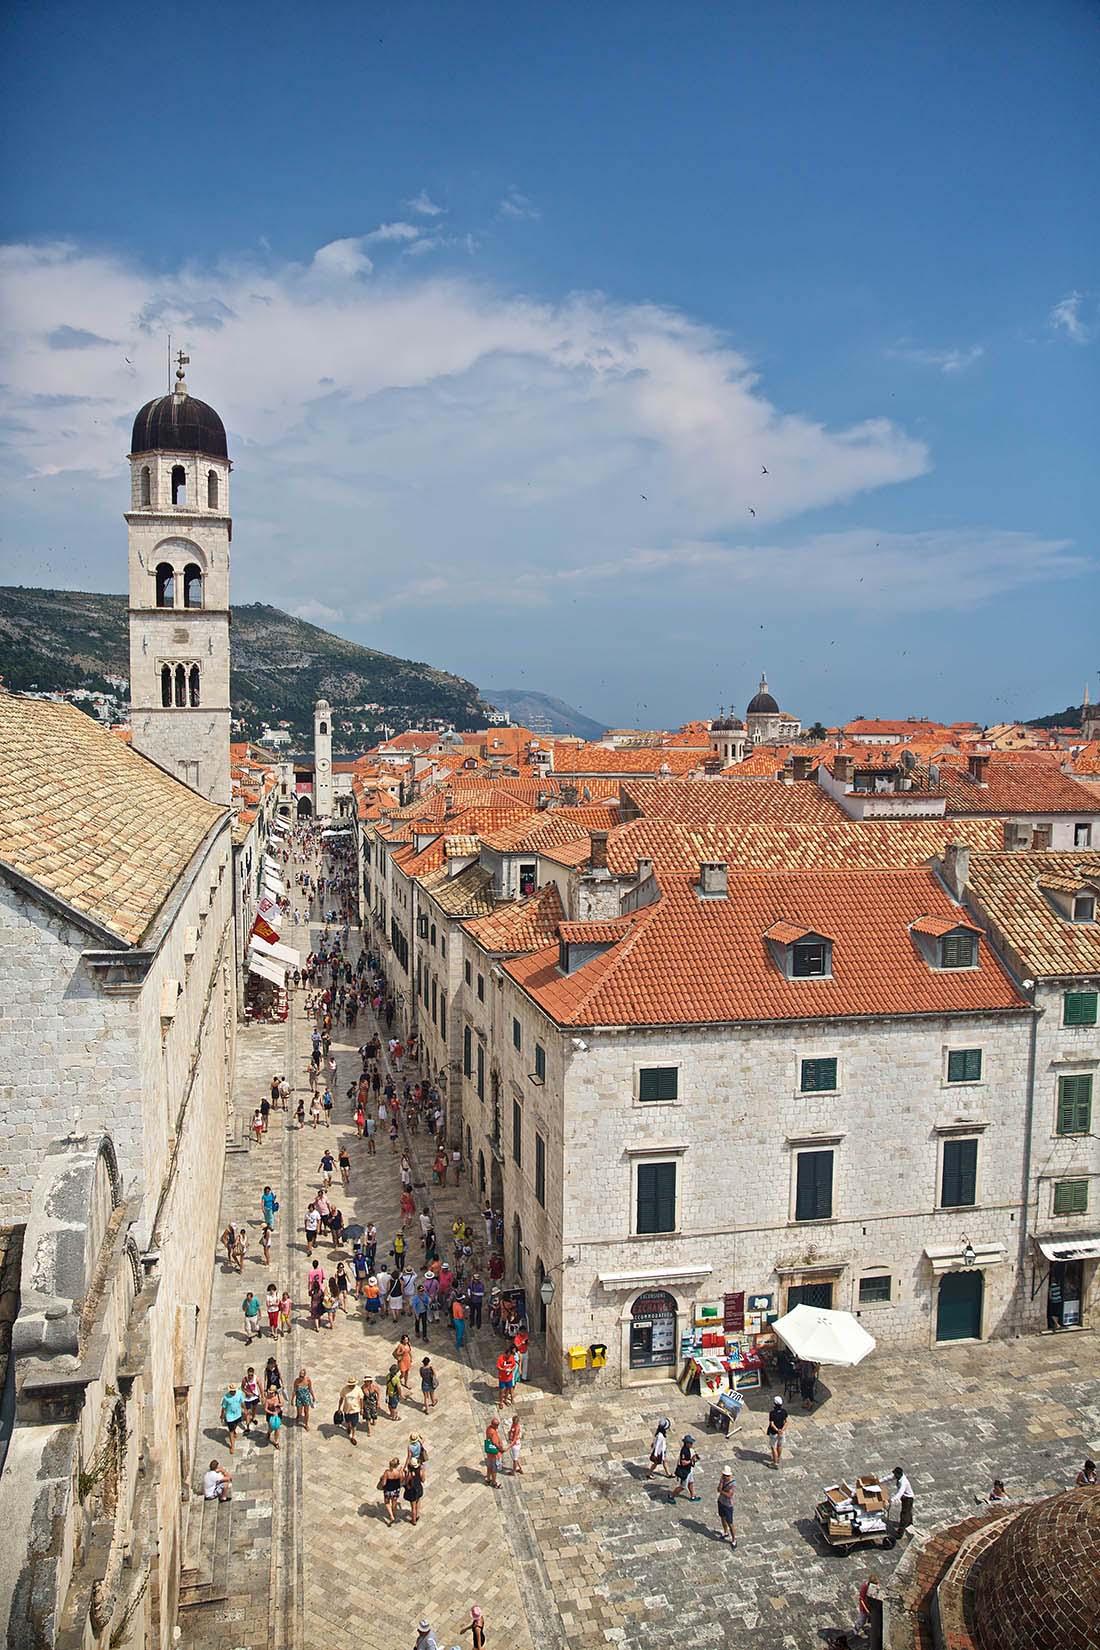 Dubrovnik_jusmedic_2013_kings_landing_12